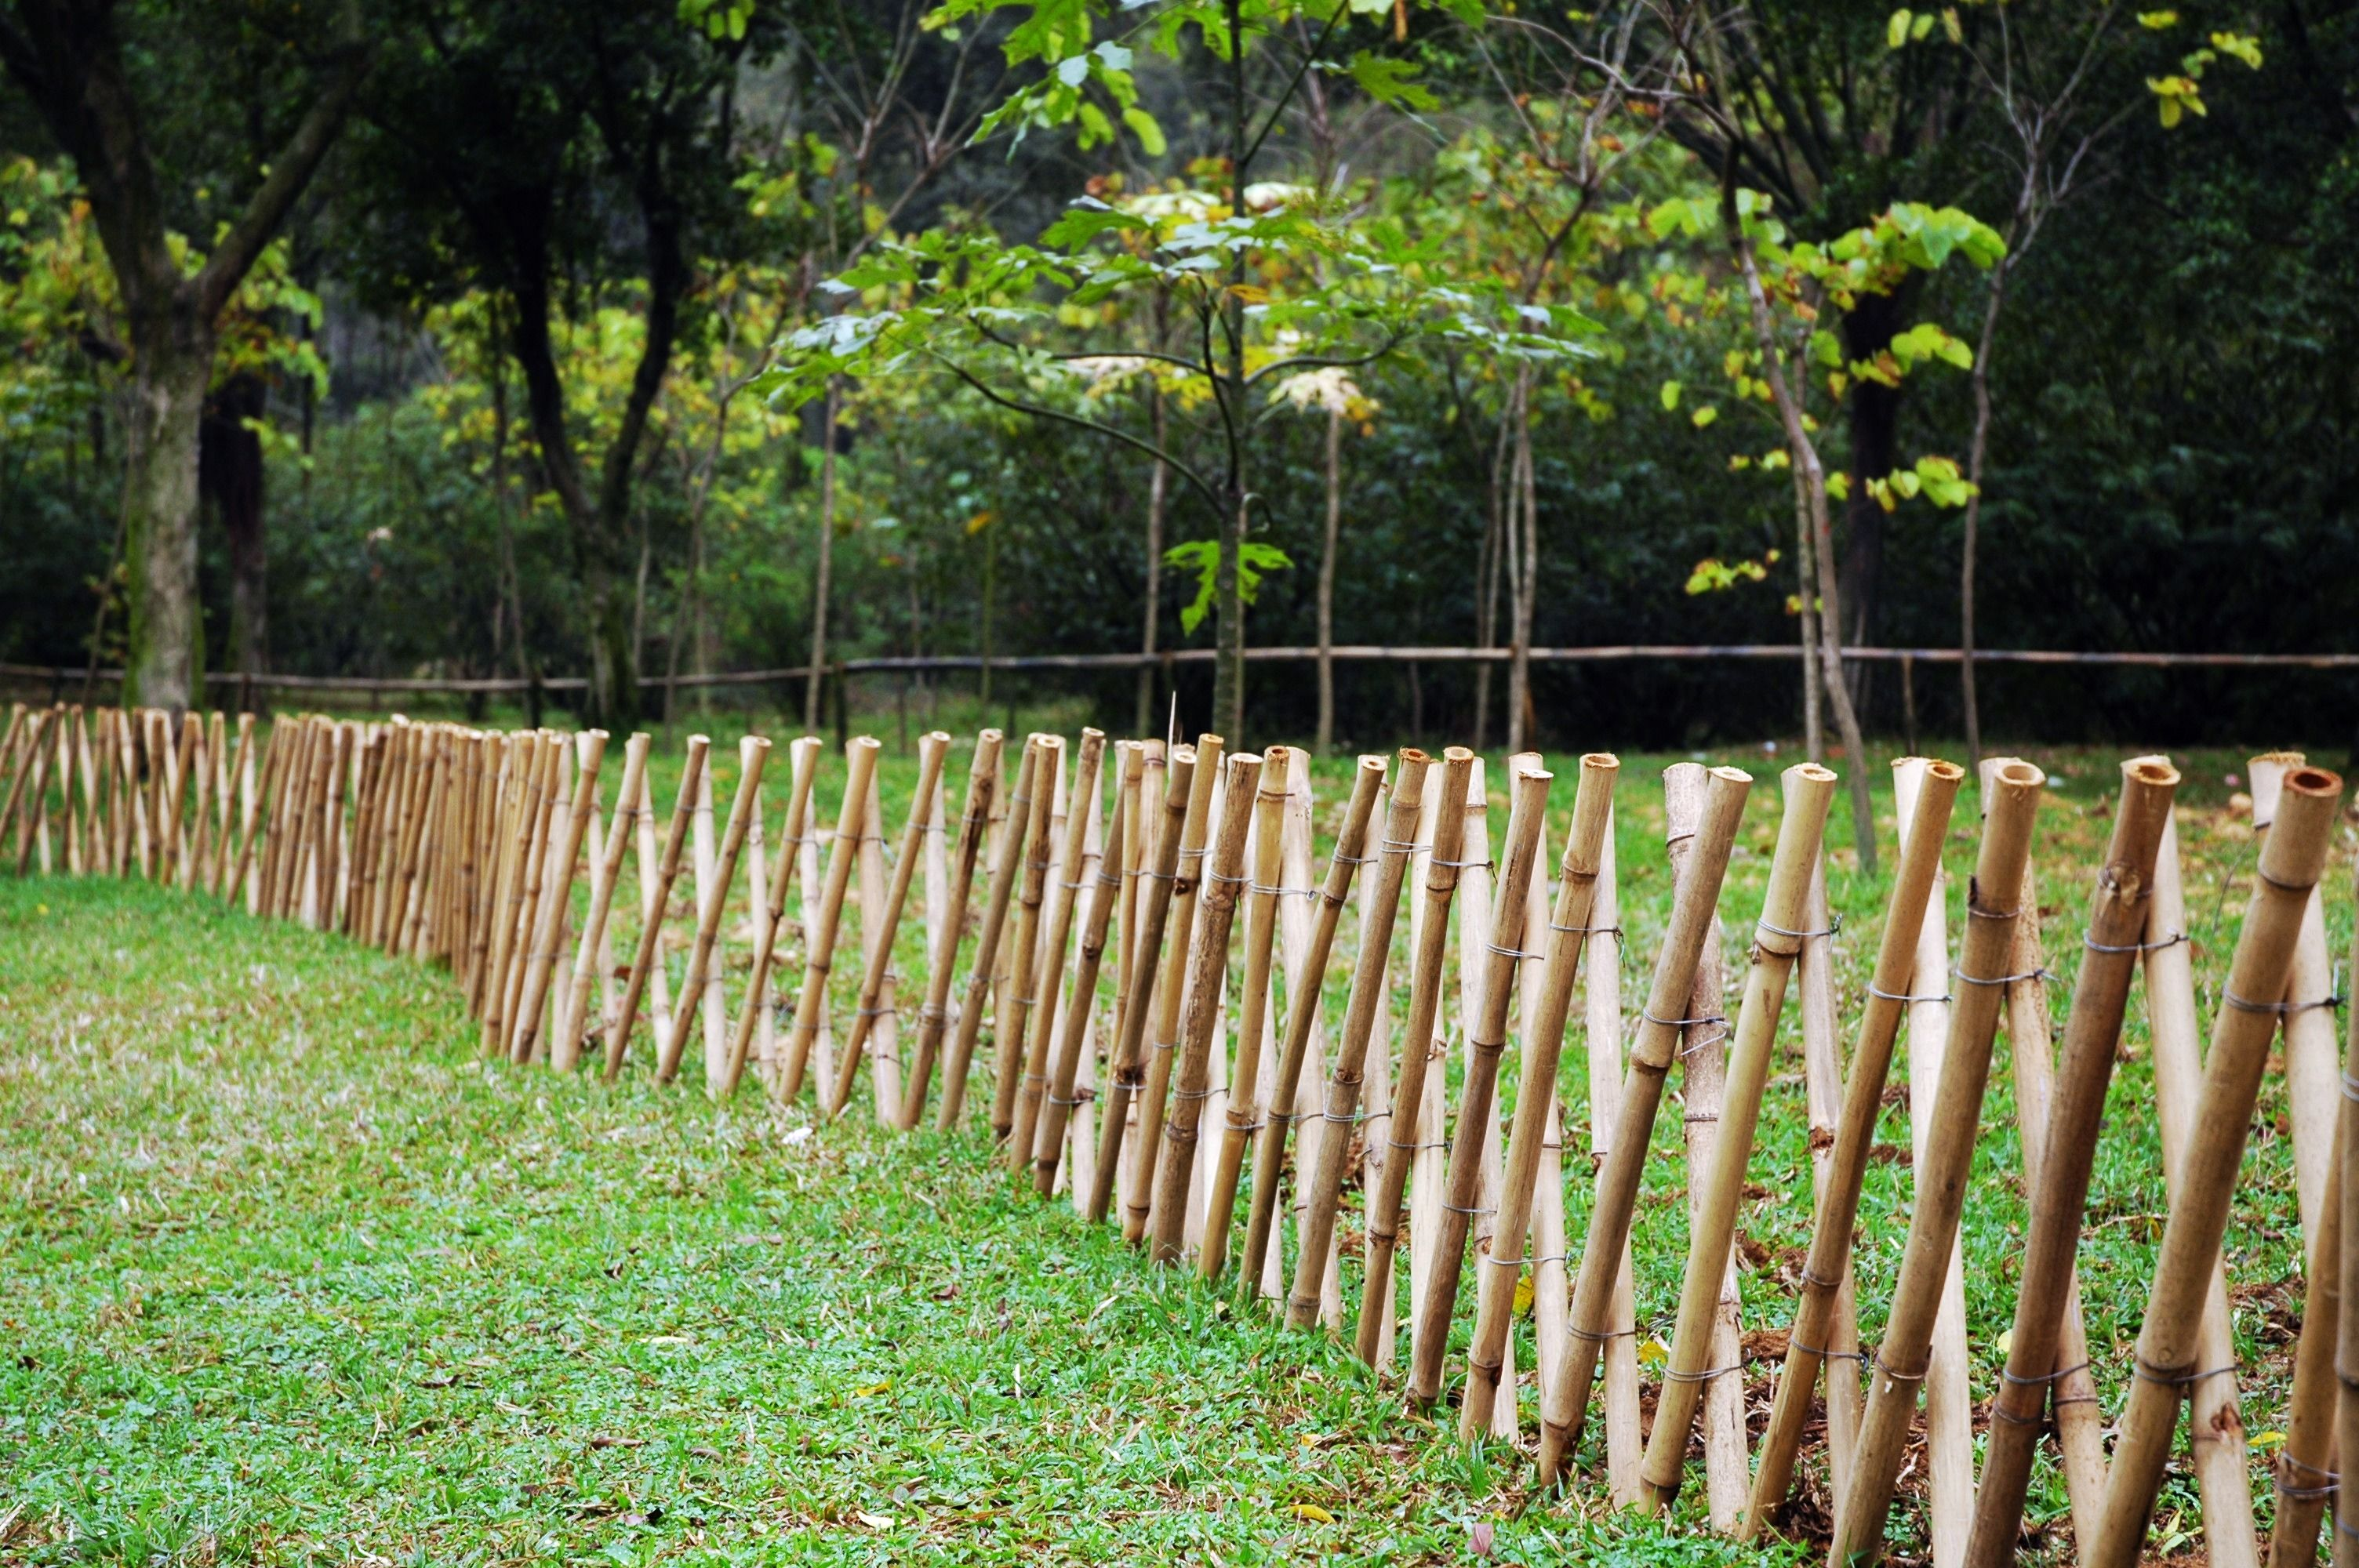 Bamboo Fence Google Search Bamboo Garden Garden Fence Diy